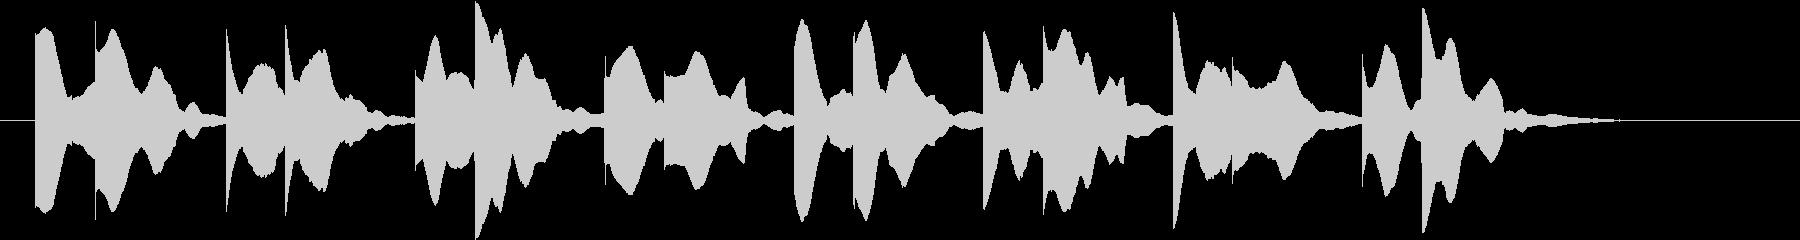 病室で聞こえるビープ音の未再生の波形